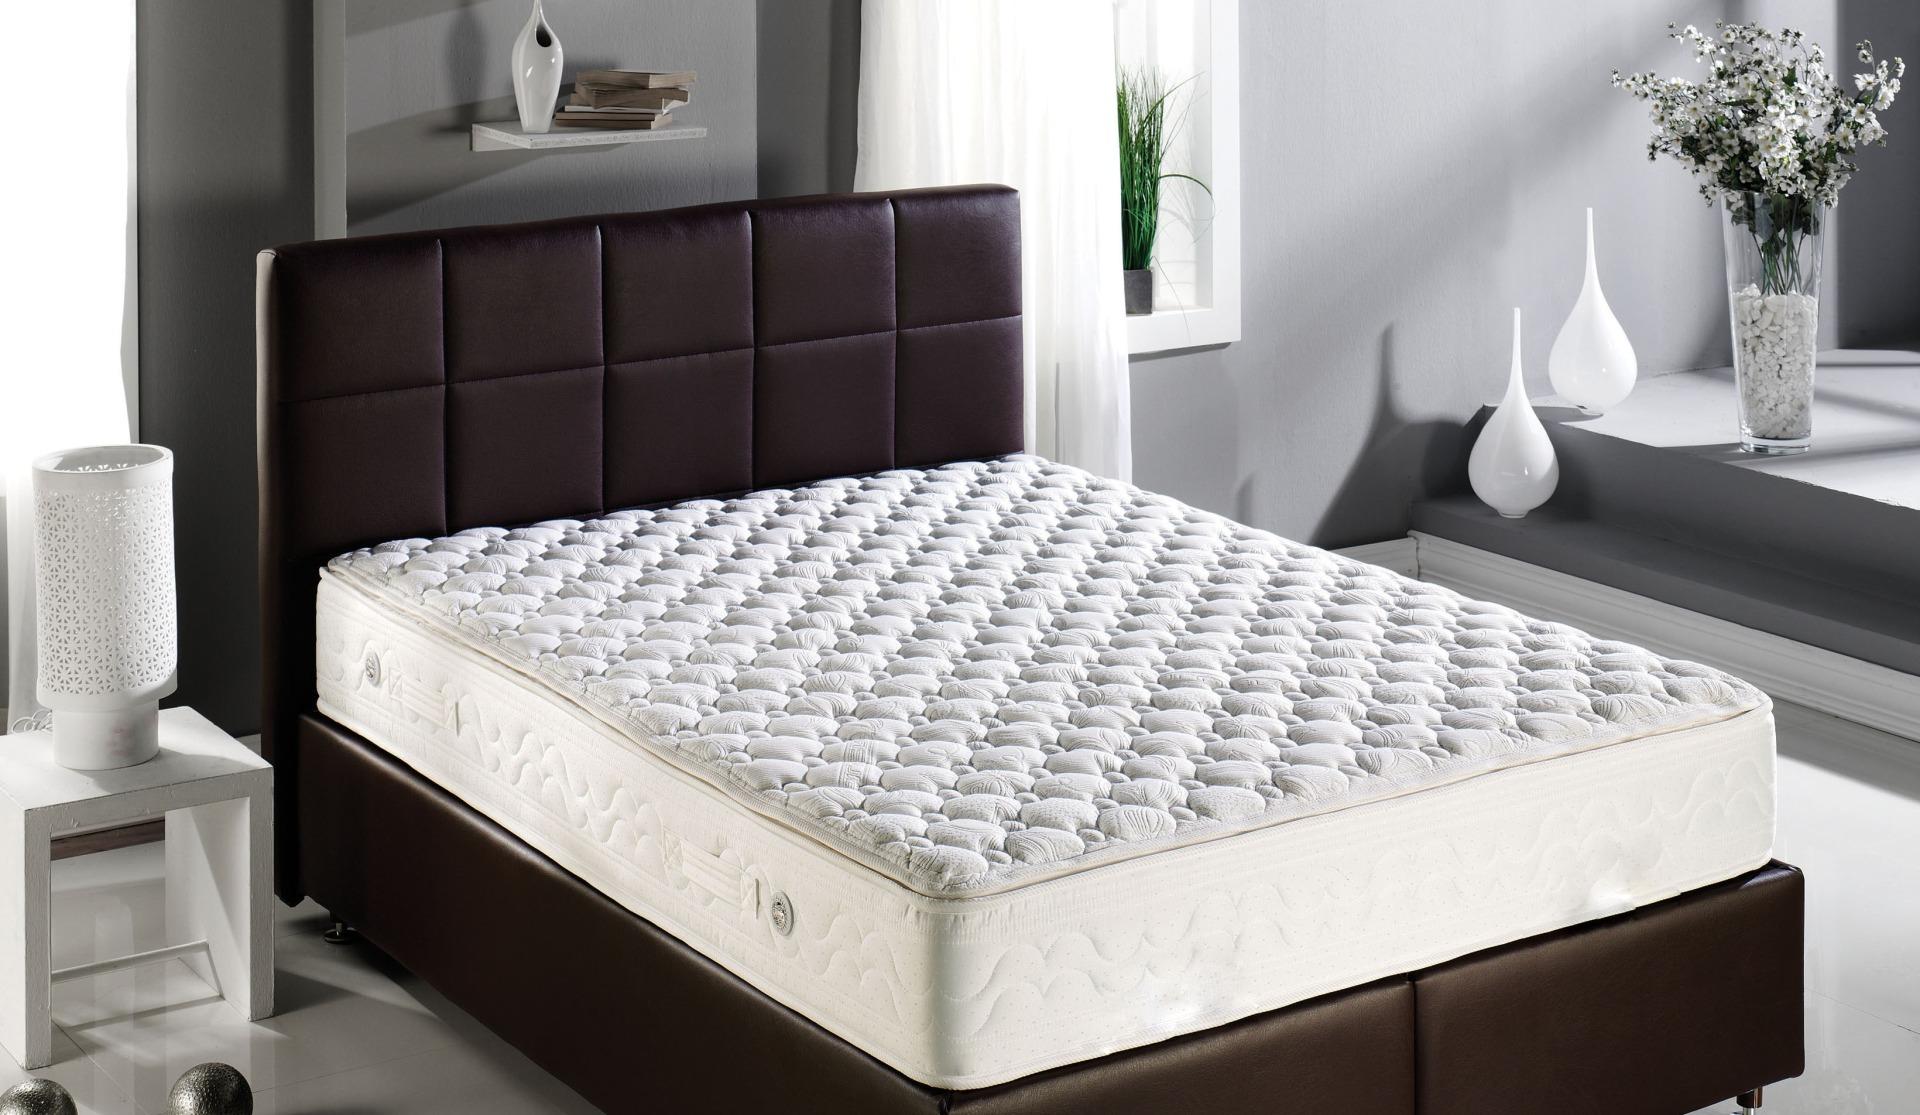 Выбор ортопедического матраса для кровати или дивана